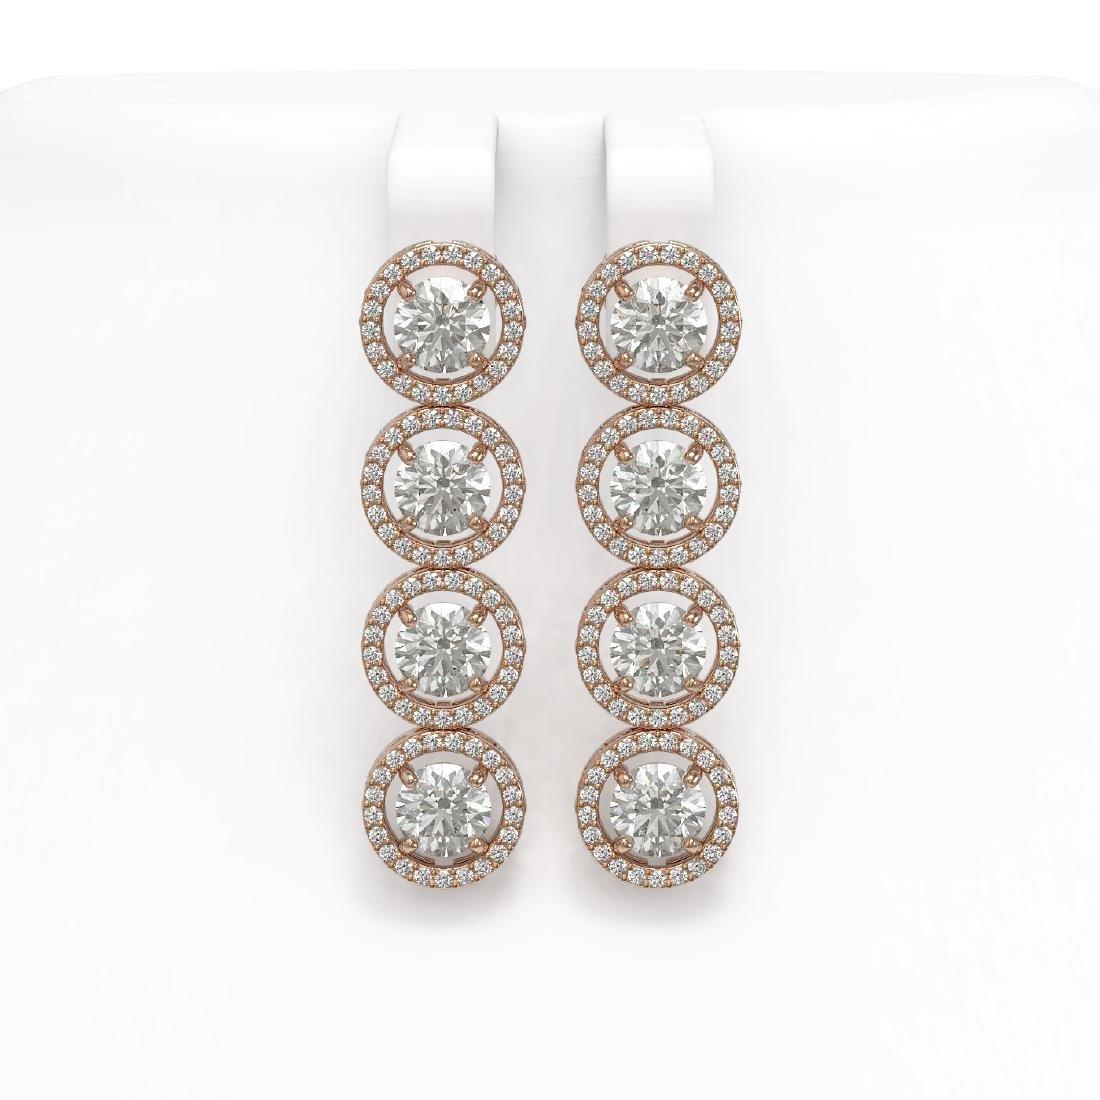 5.36 CTW Diamond Designer Earrings 18K Rose Gold